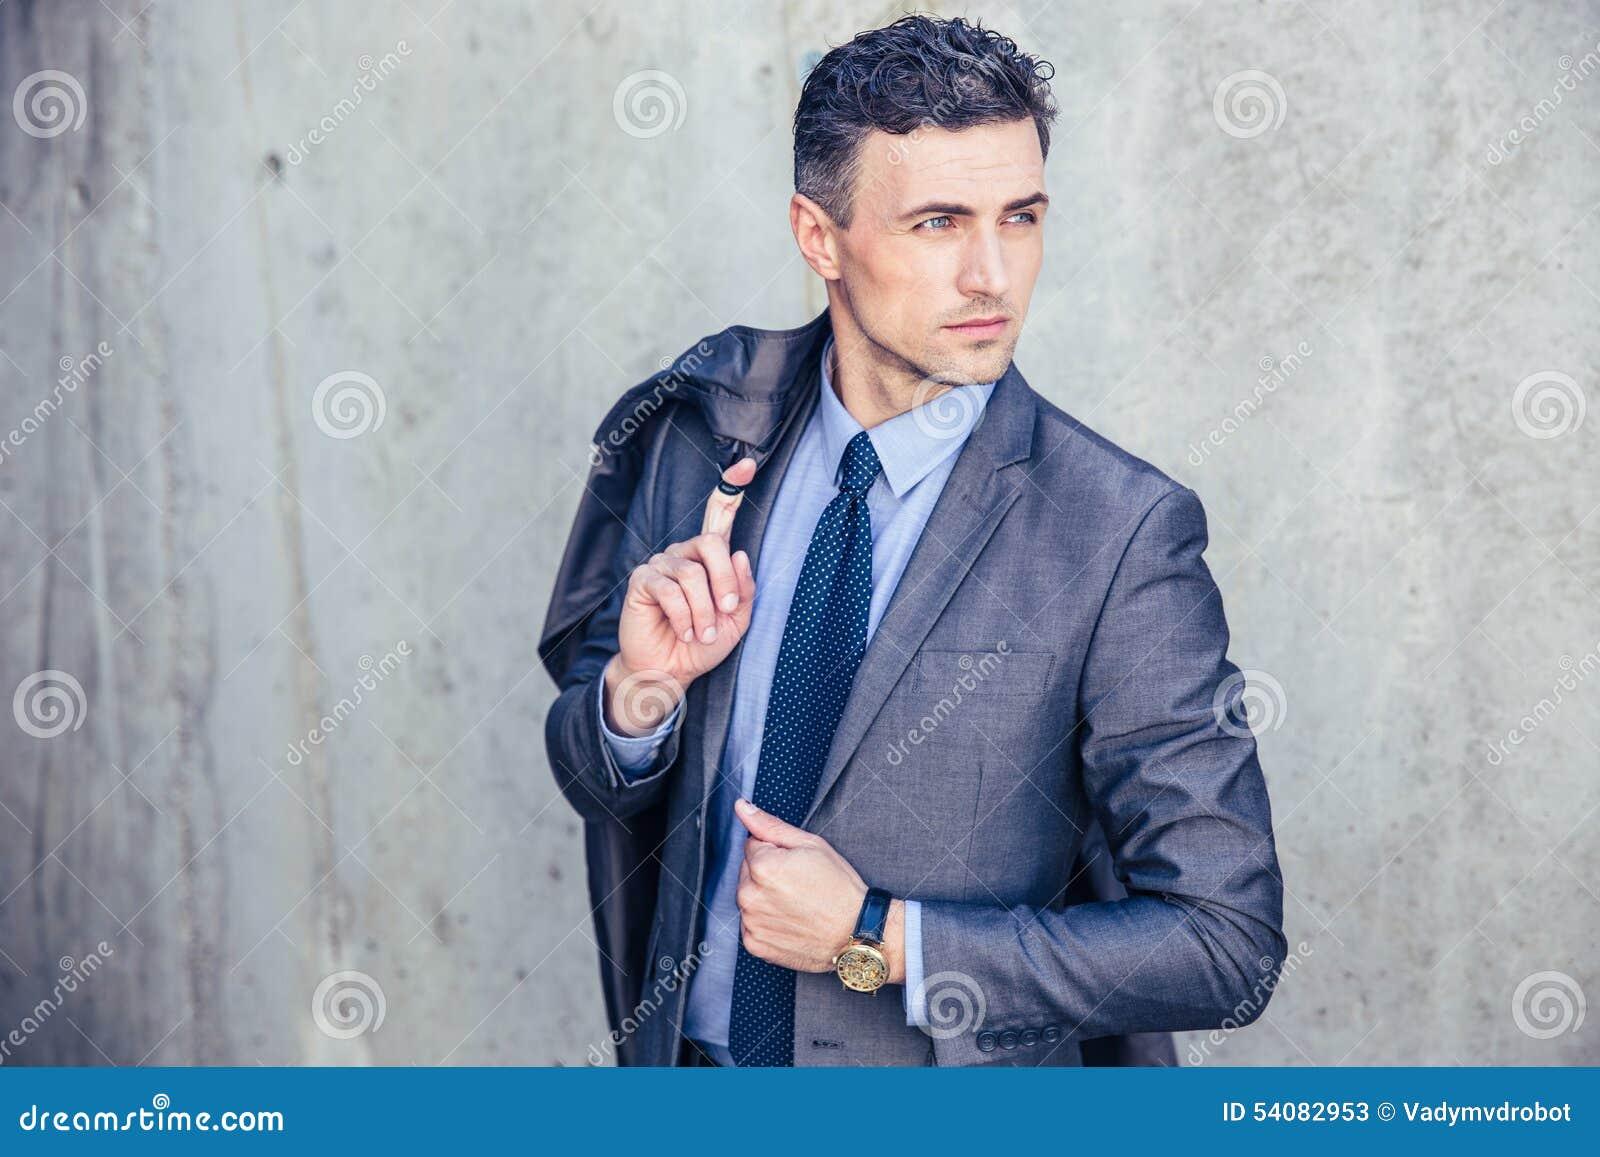 Portret van een nadenkende zakenman